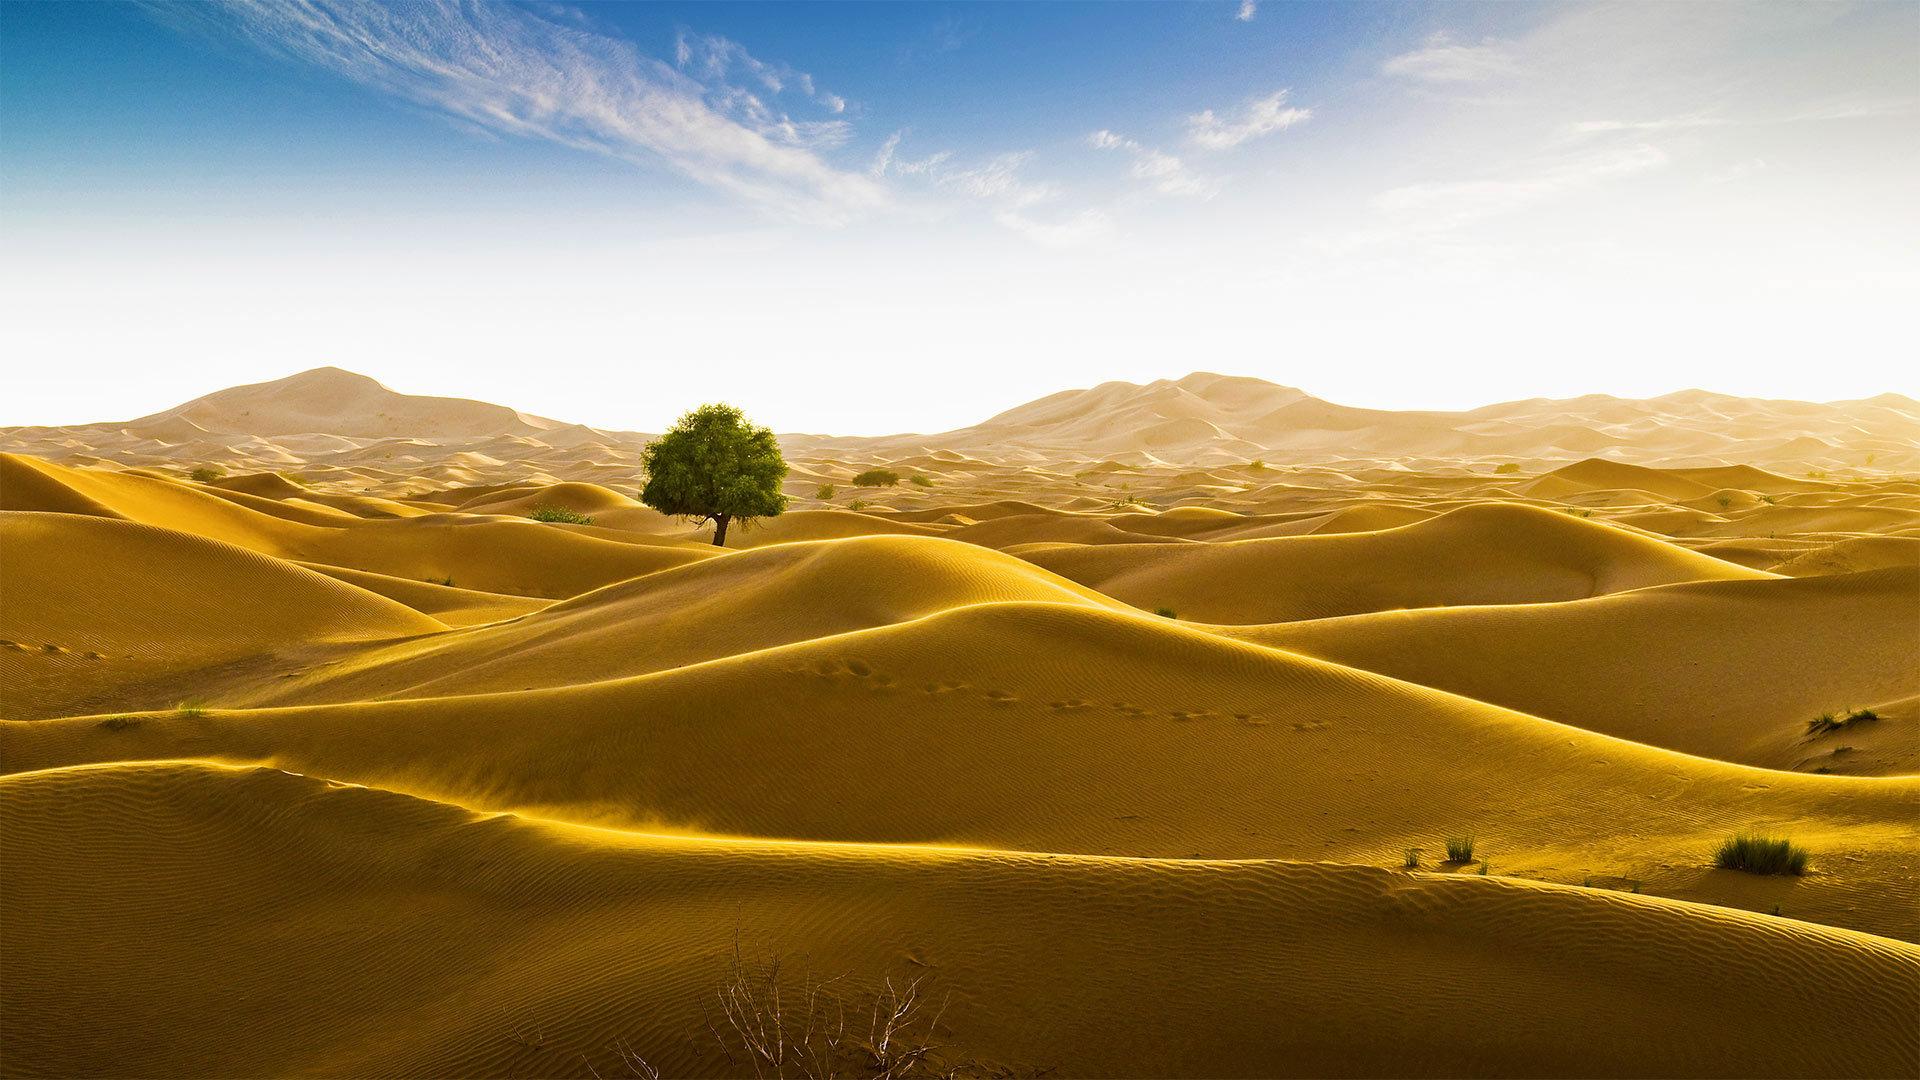 位于阿曼和迪拜酋长国边界的鲁卜哈利沙漠 鲁卜哈利沙漠